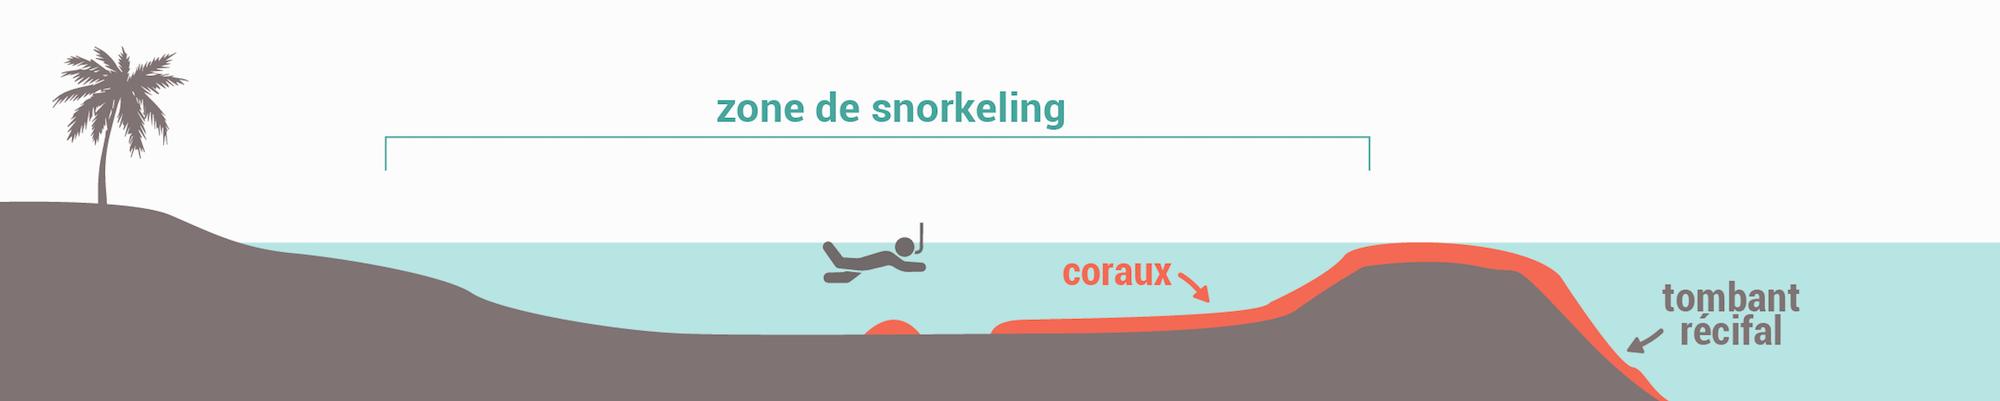 Les types de spots de snorkeling - Récif frangeant fermé